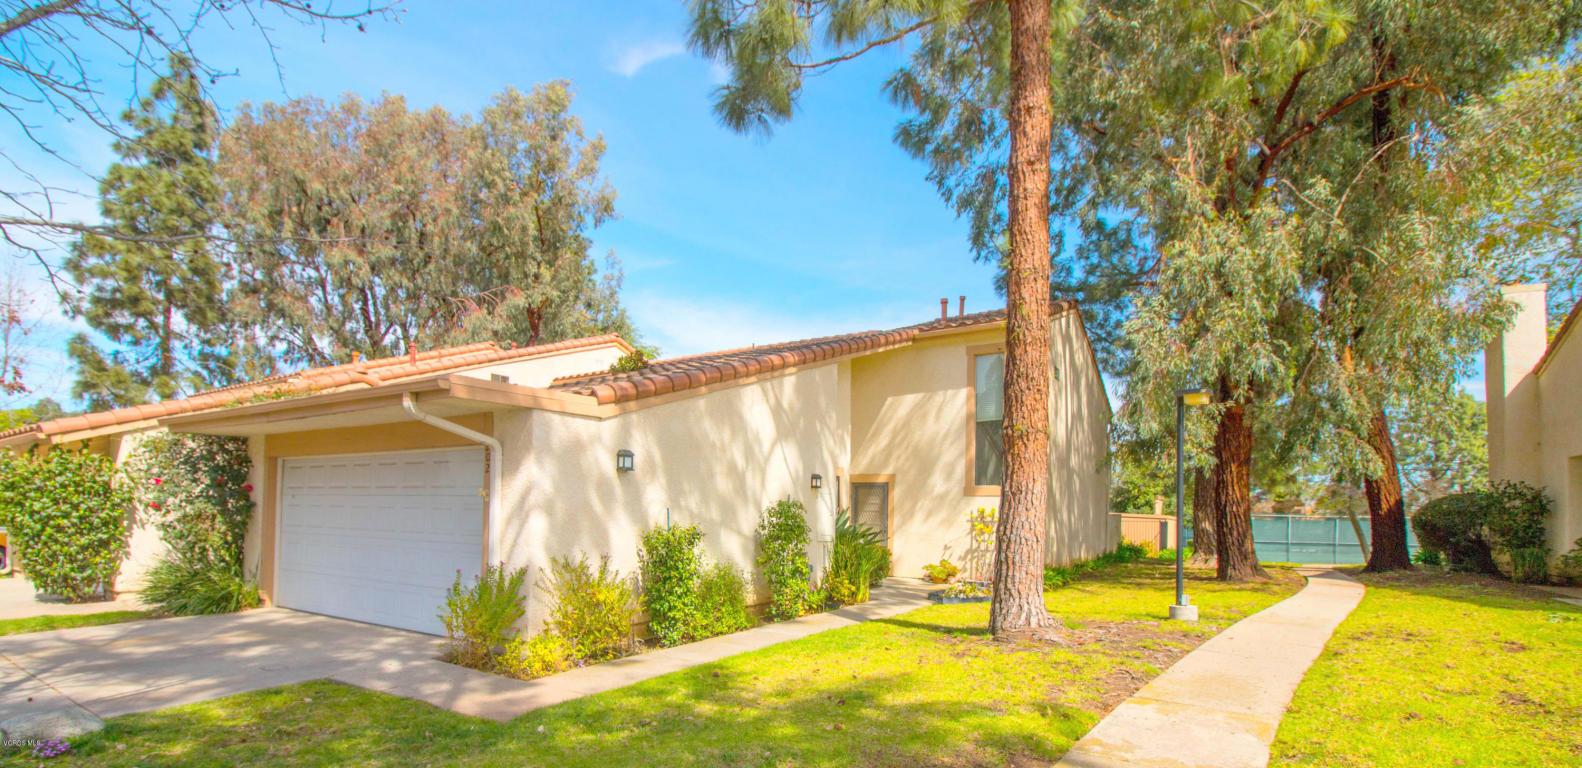 202 Mariposa Drive, Newbury Park, CA 91320